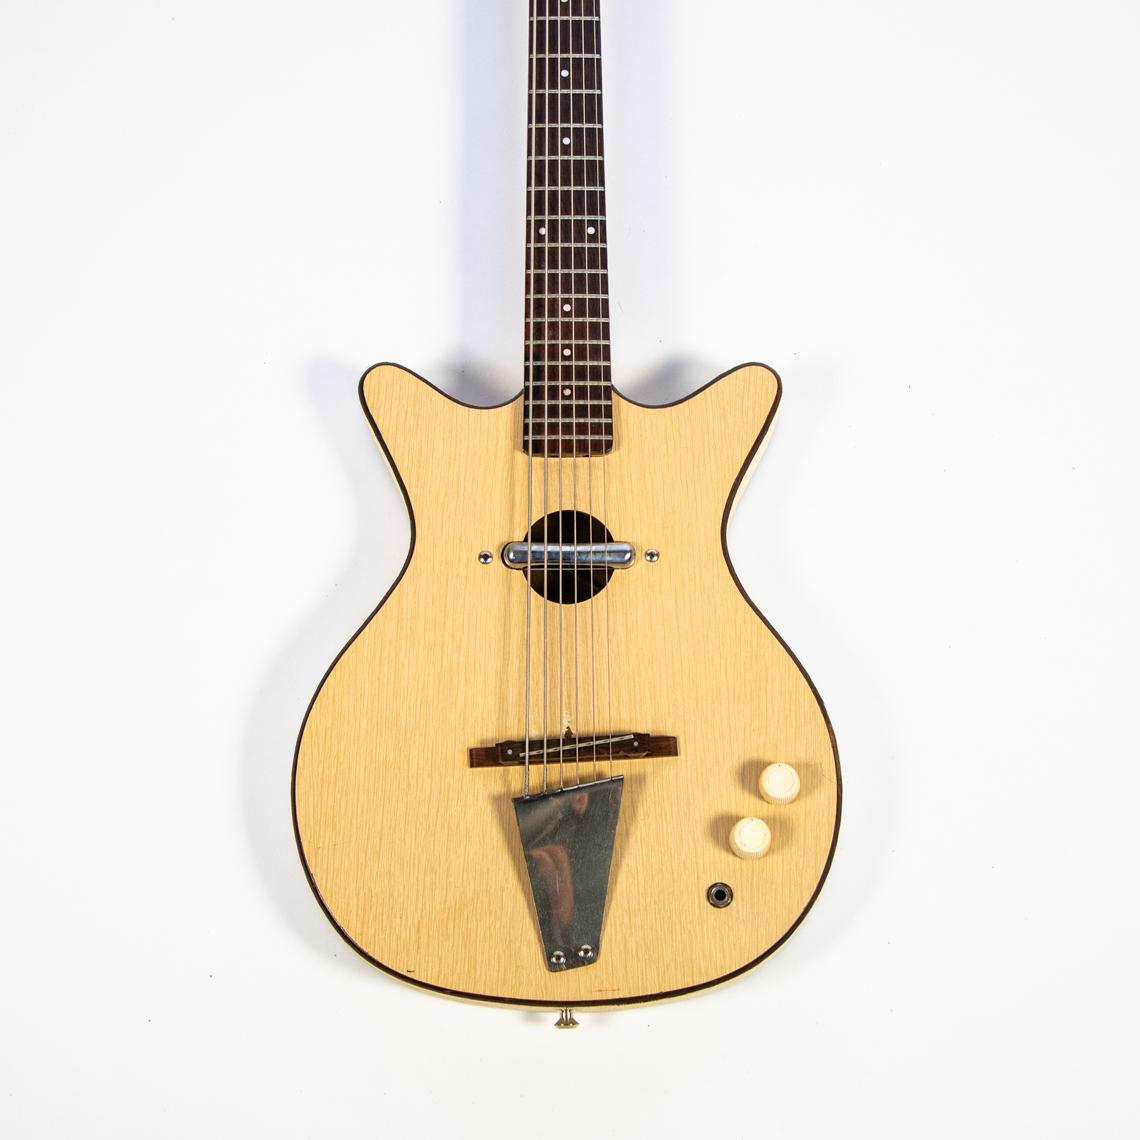 1960s Danelectro LP Convertible